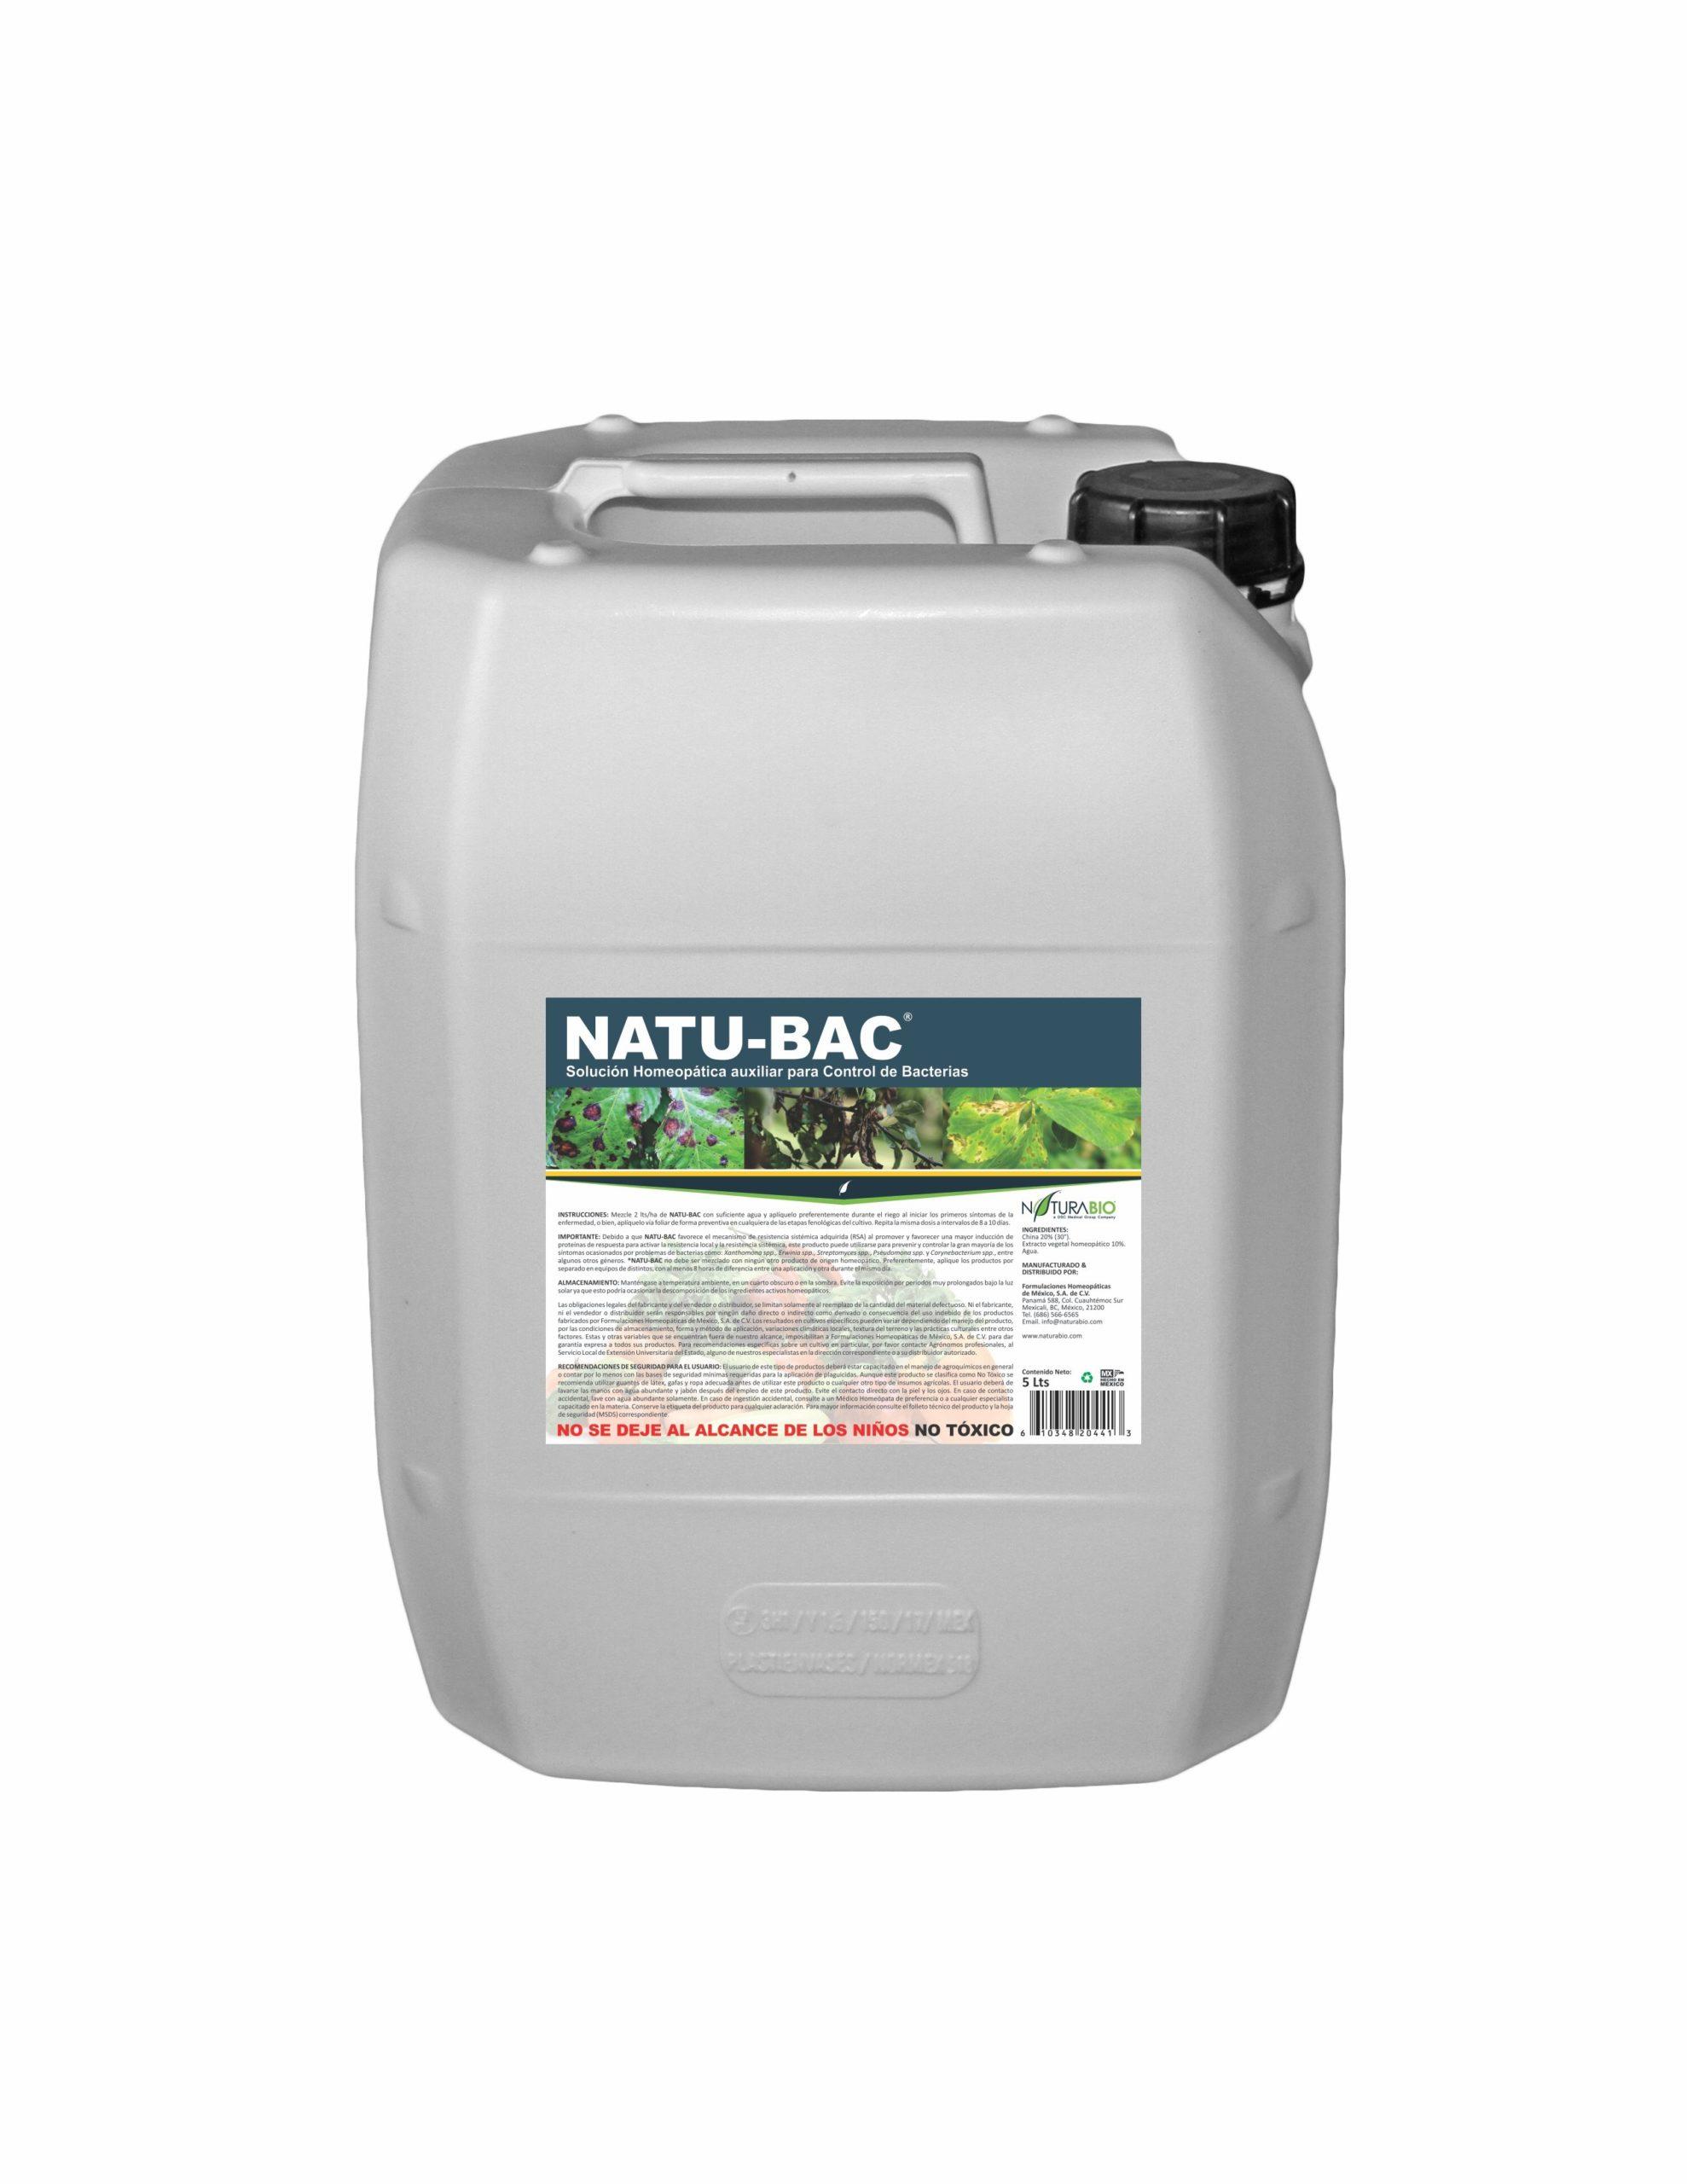 NATU-BAC Solución Homeopática auxiliar para Control de Bacterias